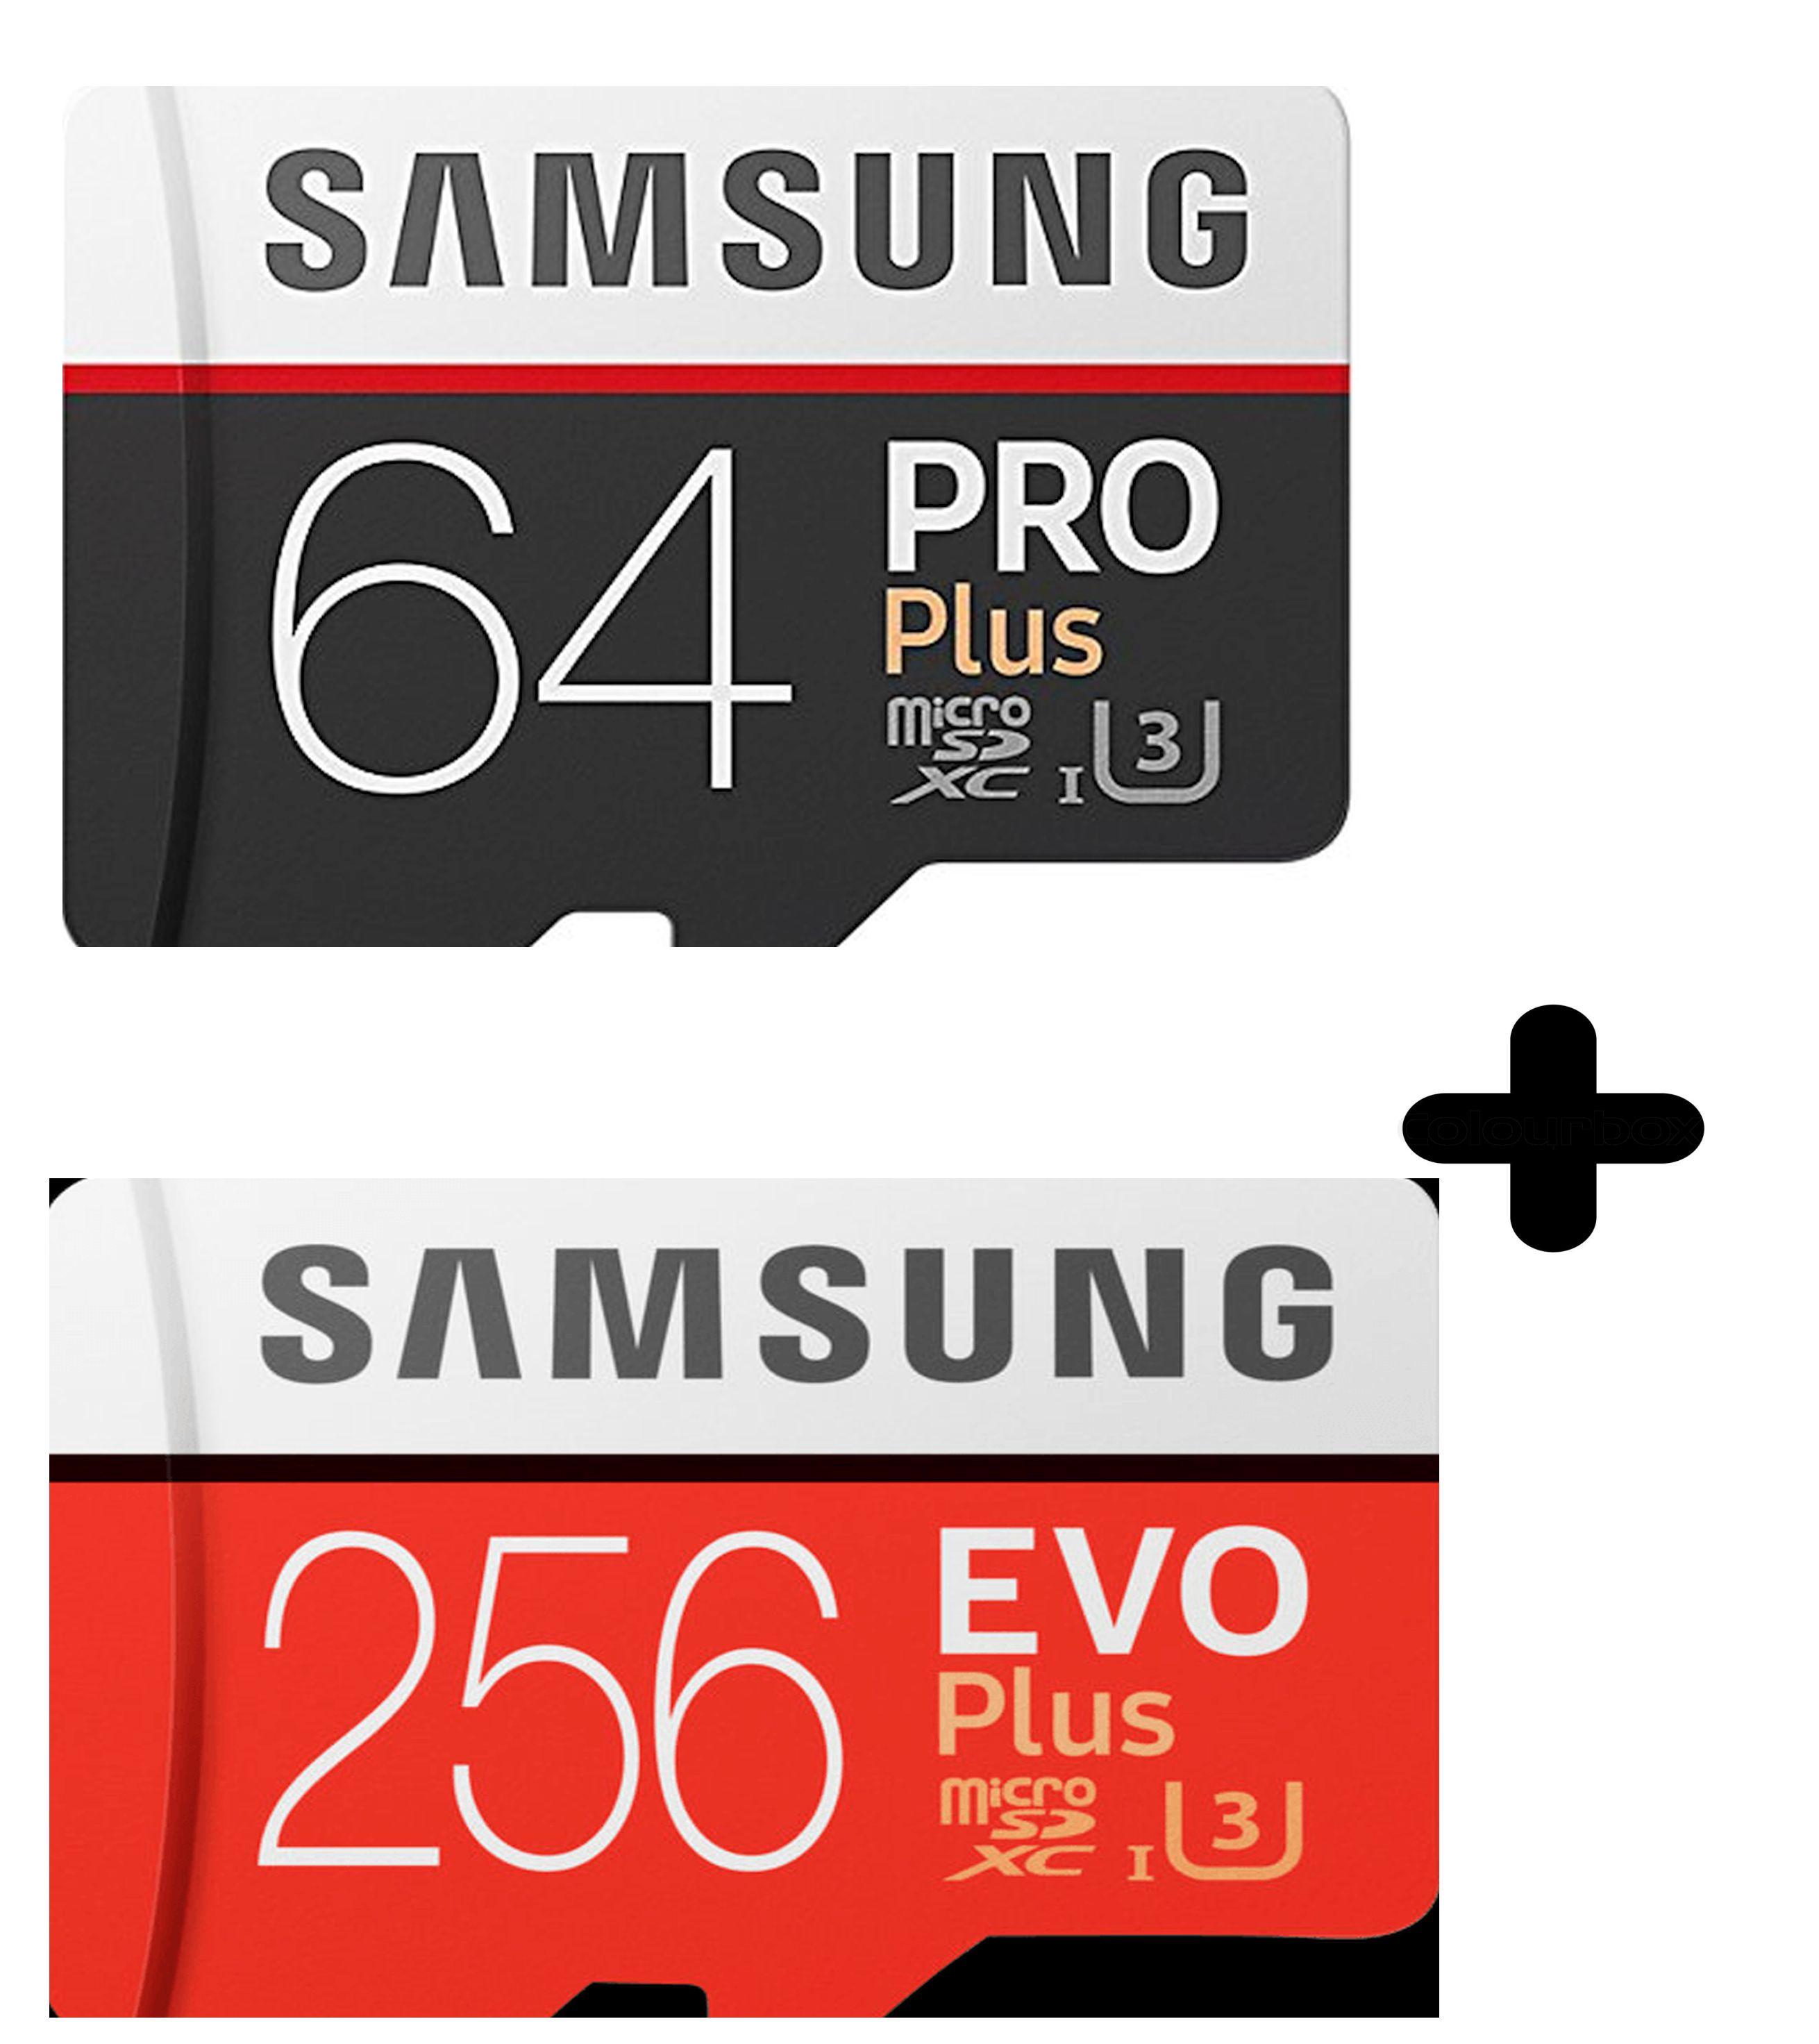 (MediaMarkt+Masterpass) Samsung Evo Plus micro SD 256GB und Samsung Pro Plus  64GB